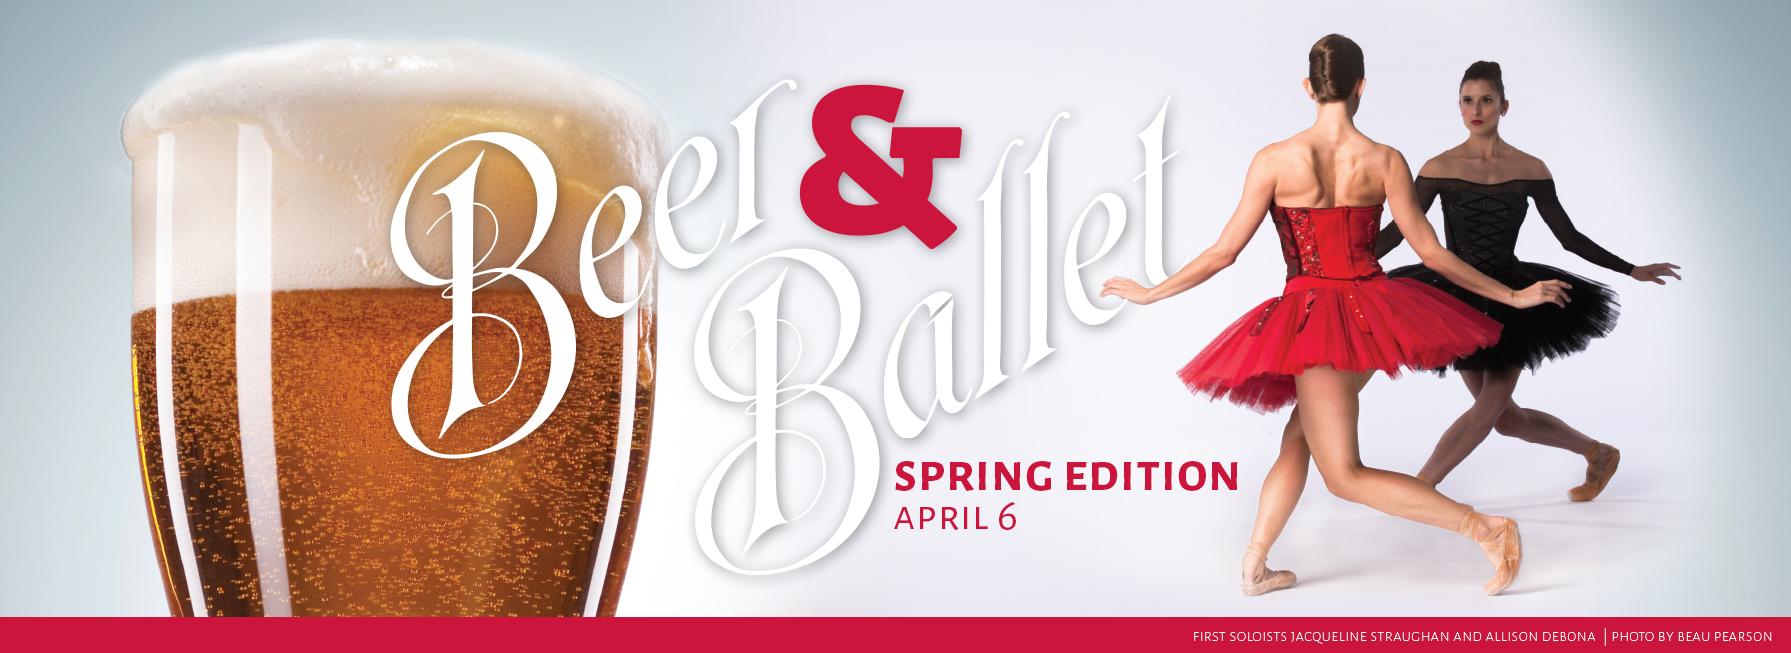 beer_ballet_2017_spring_web